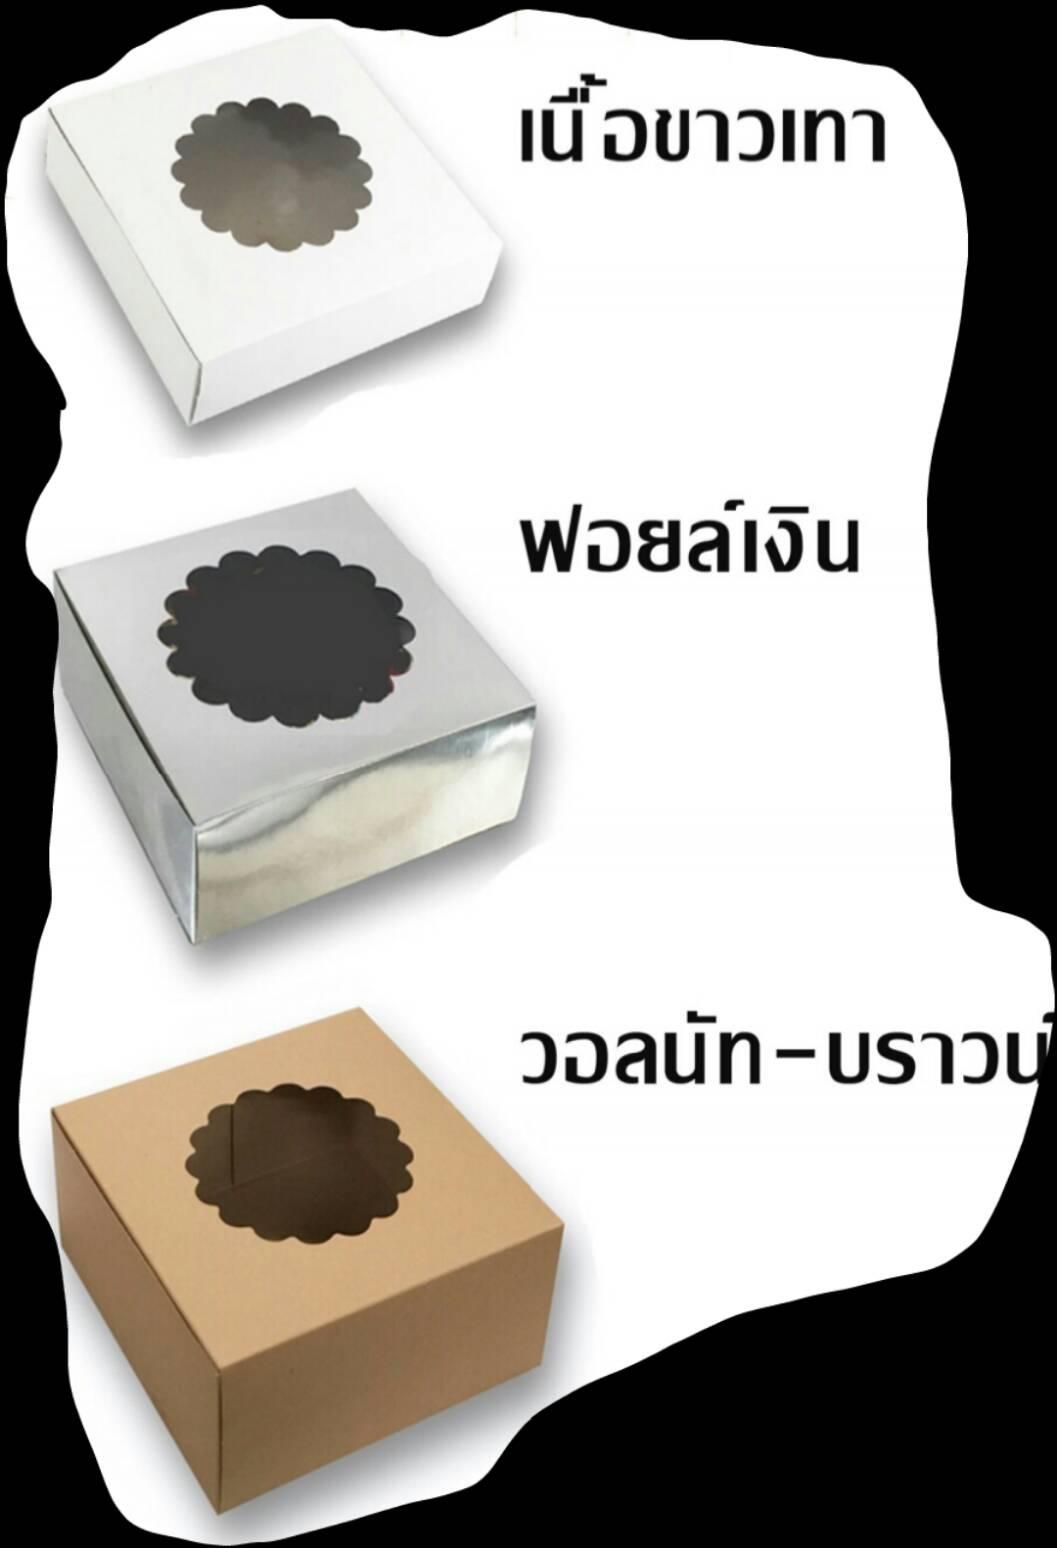 กล่องเค้ก 1 ปอนด์ แม็ค-เงินเจาะ